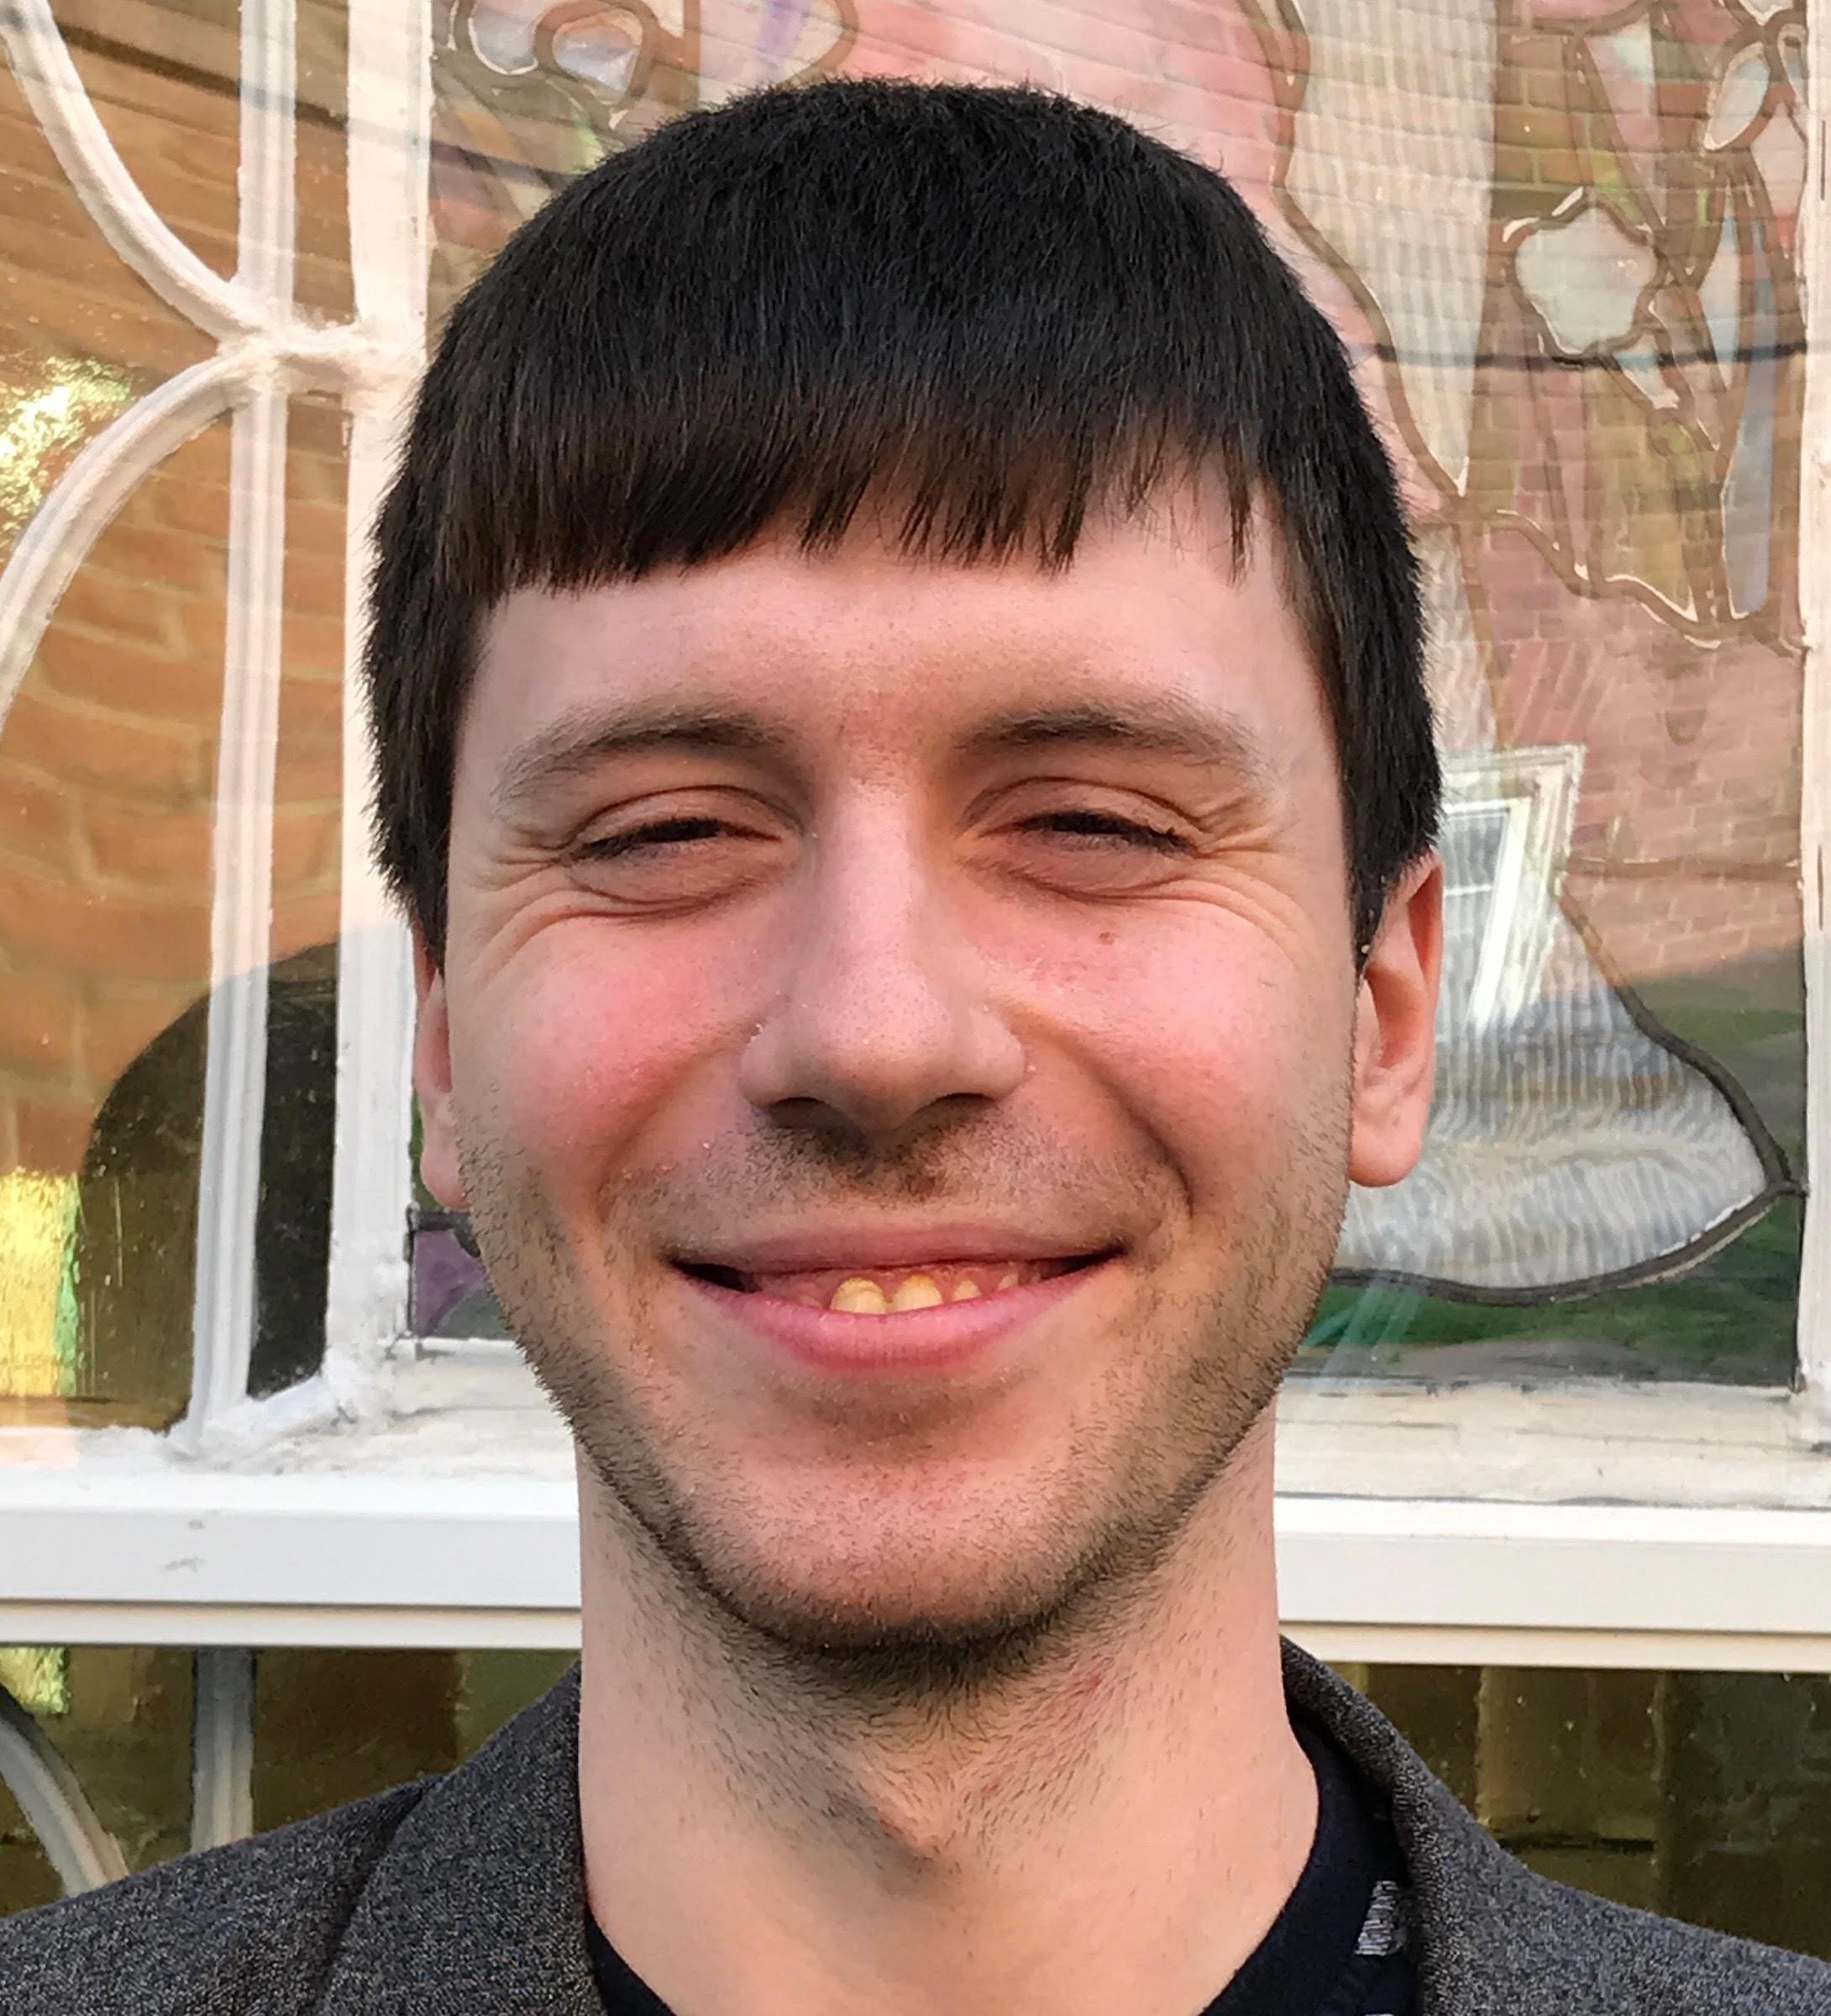 Mr. Veselin Evgeniev